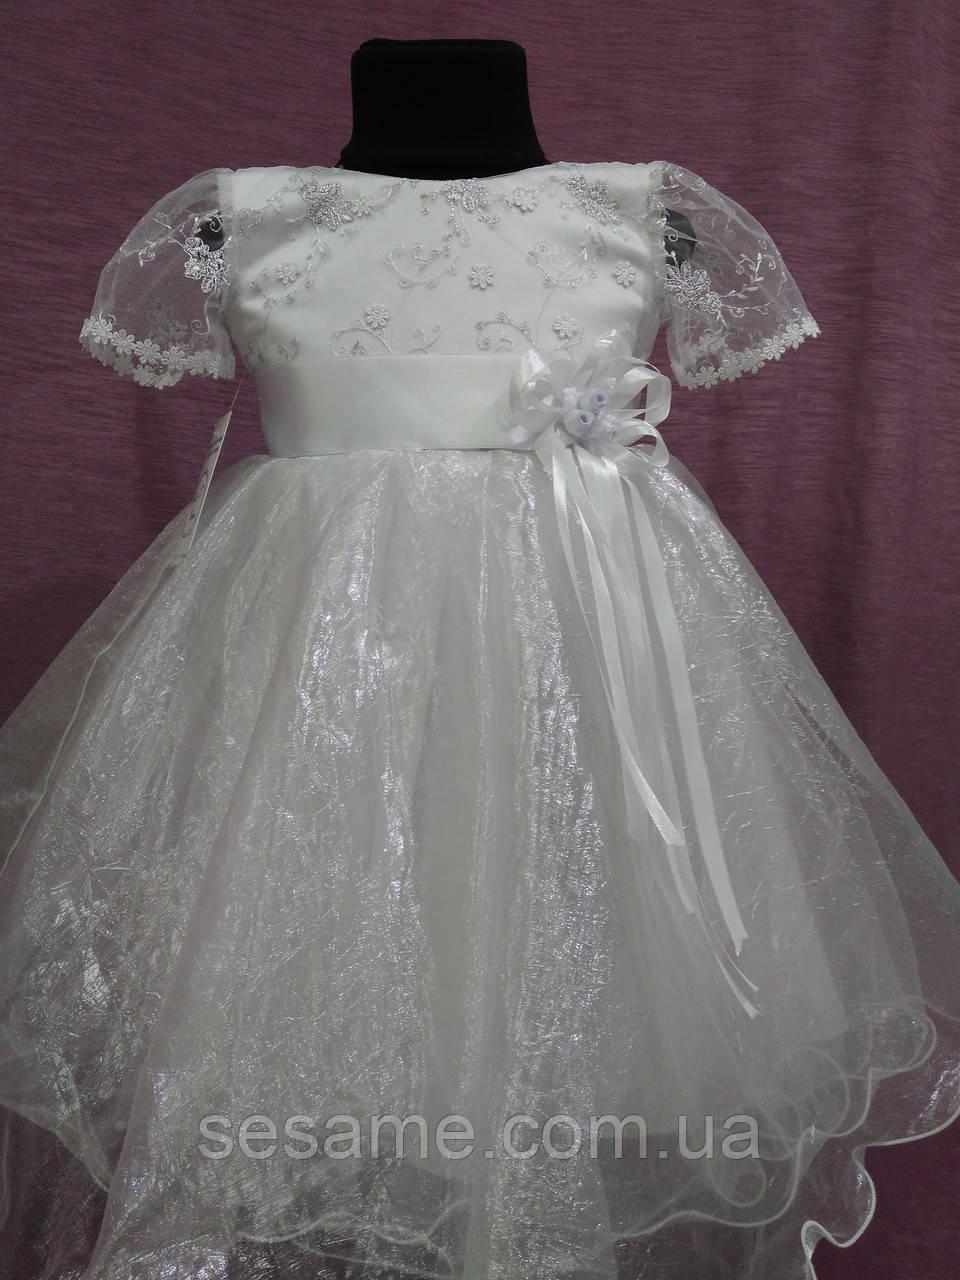 78c55a04522 Детское Платье Нарядное на 3-5 Лет Белое с Серебрянным — в Категории ...